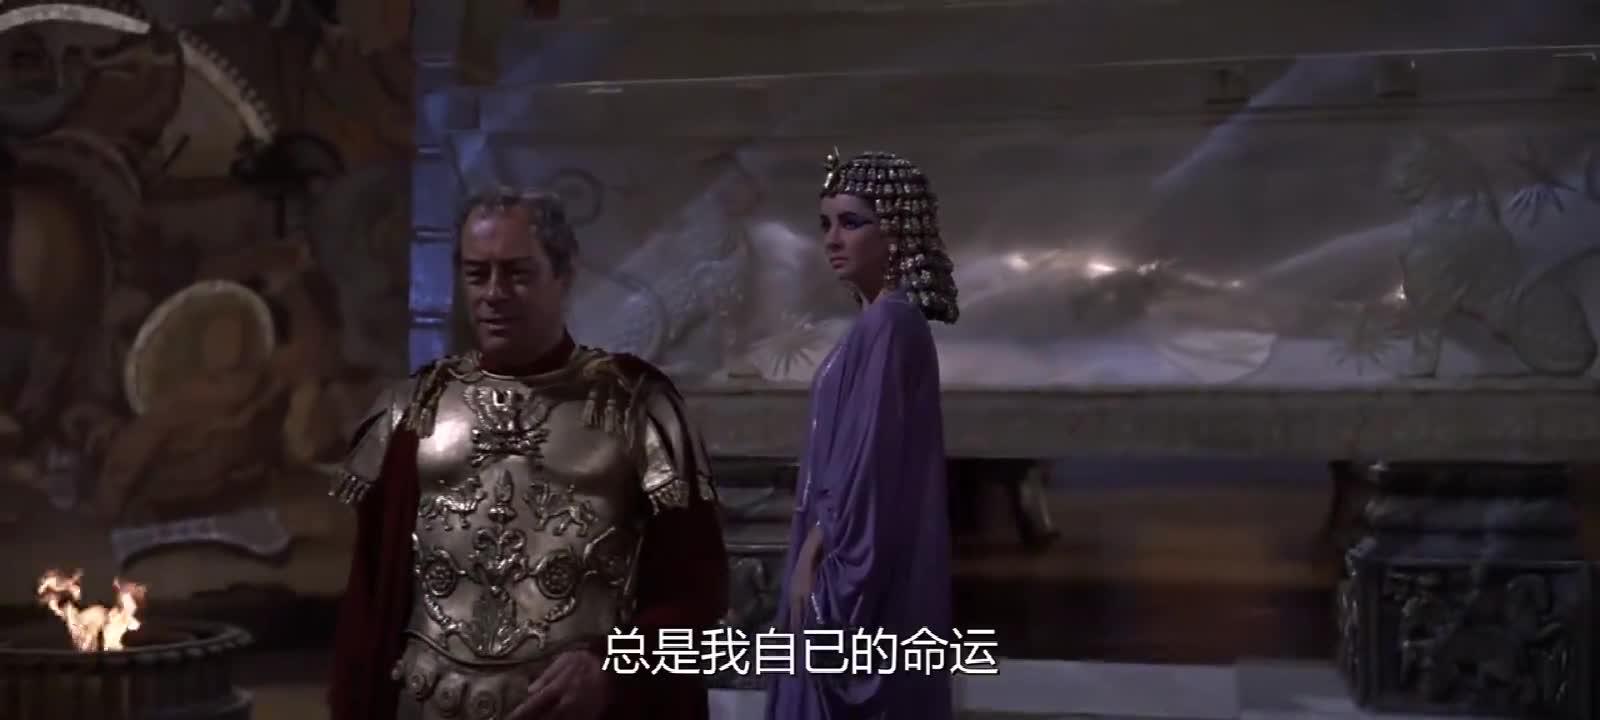 埃及艳后离不开凯撒大帝,不分场合就出声挽留,女人啊!